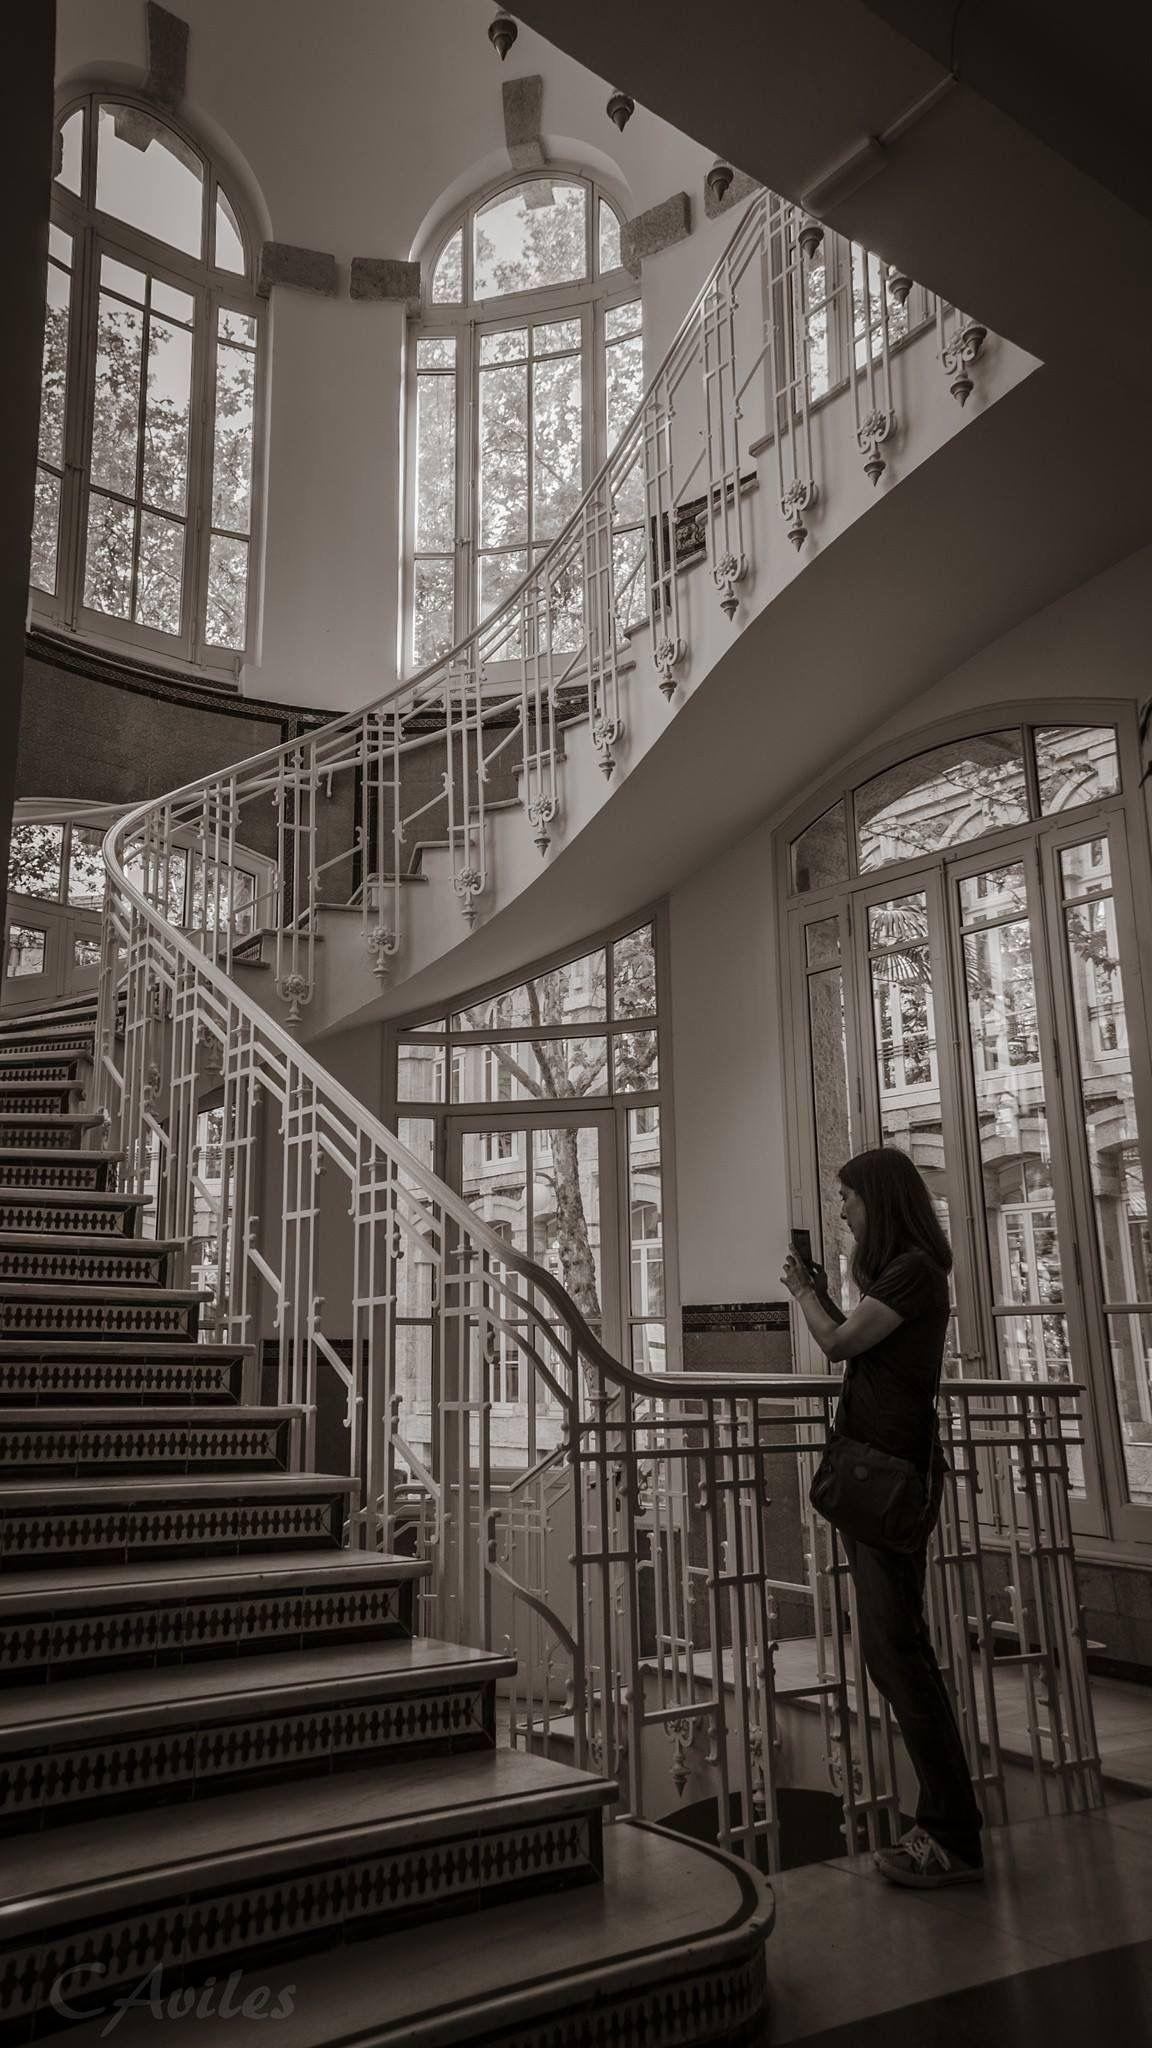 Escaleras del antiguo hospital de Maudes. Obra de Antonio Palacios.